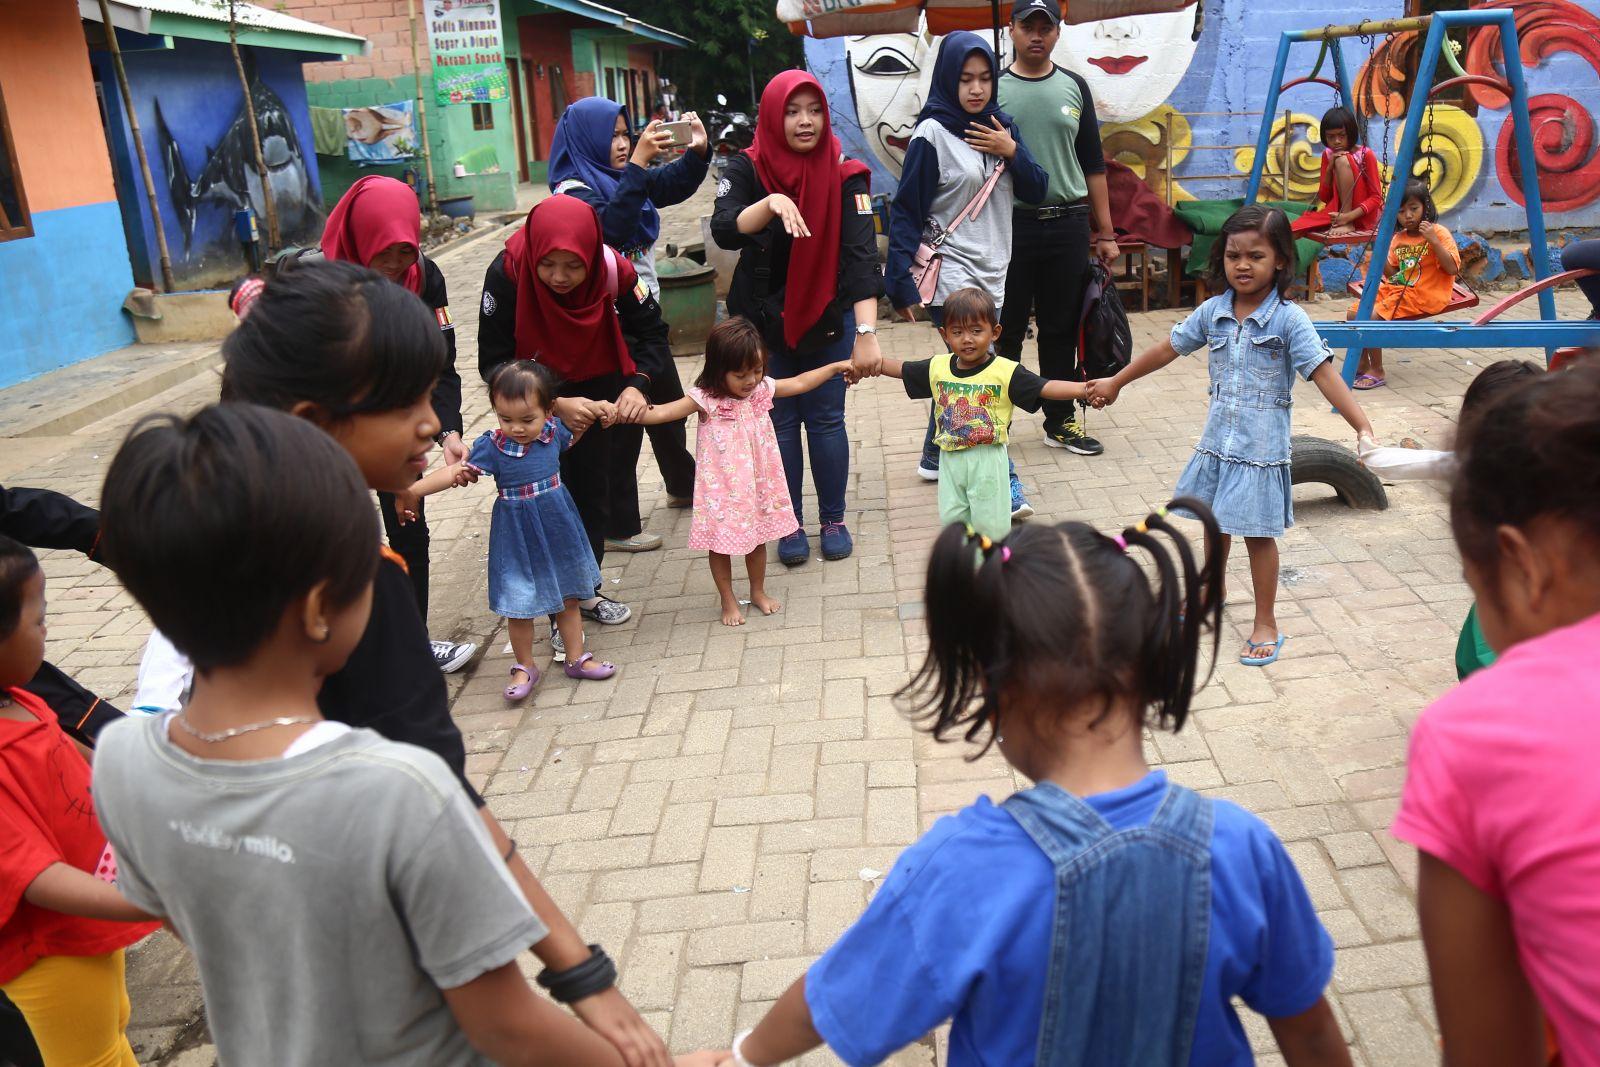 Umm Berdayakan Masyarakat Lokal Melalui Kampung Wisata Berita Desa Organik